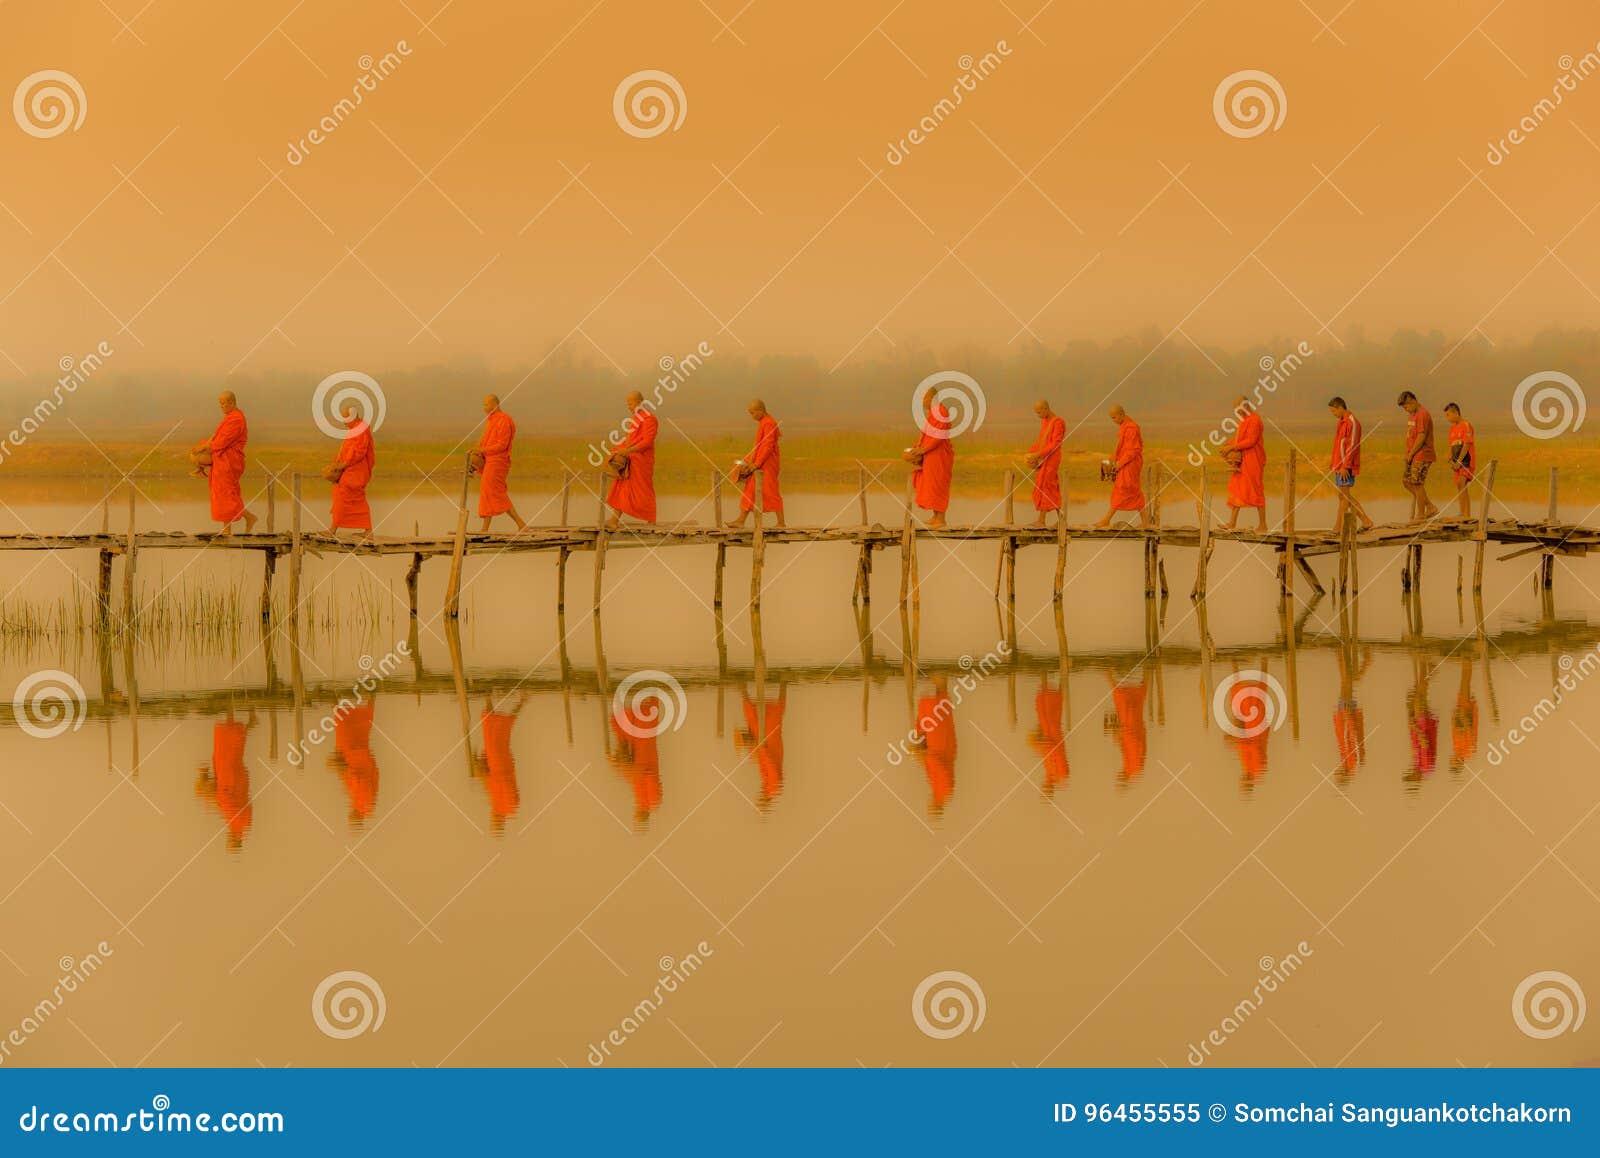 Buddist-Mönche, die marschieren, um Almosen am Morgen mit fofoggy envi zu suchen